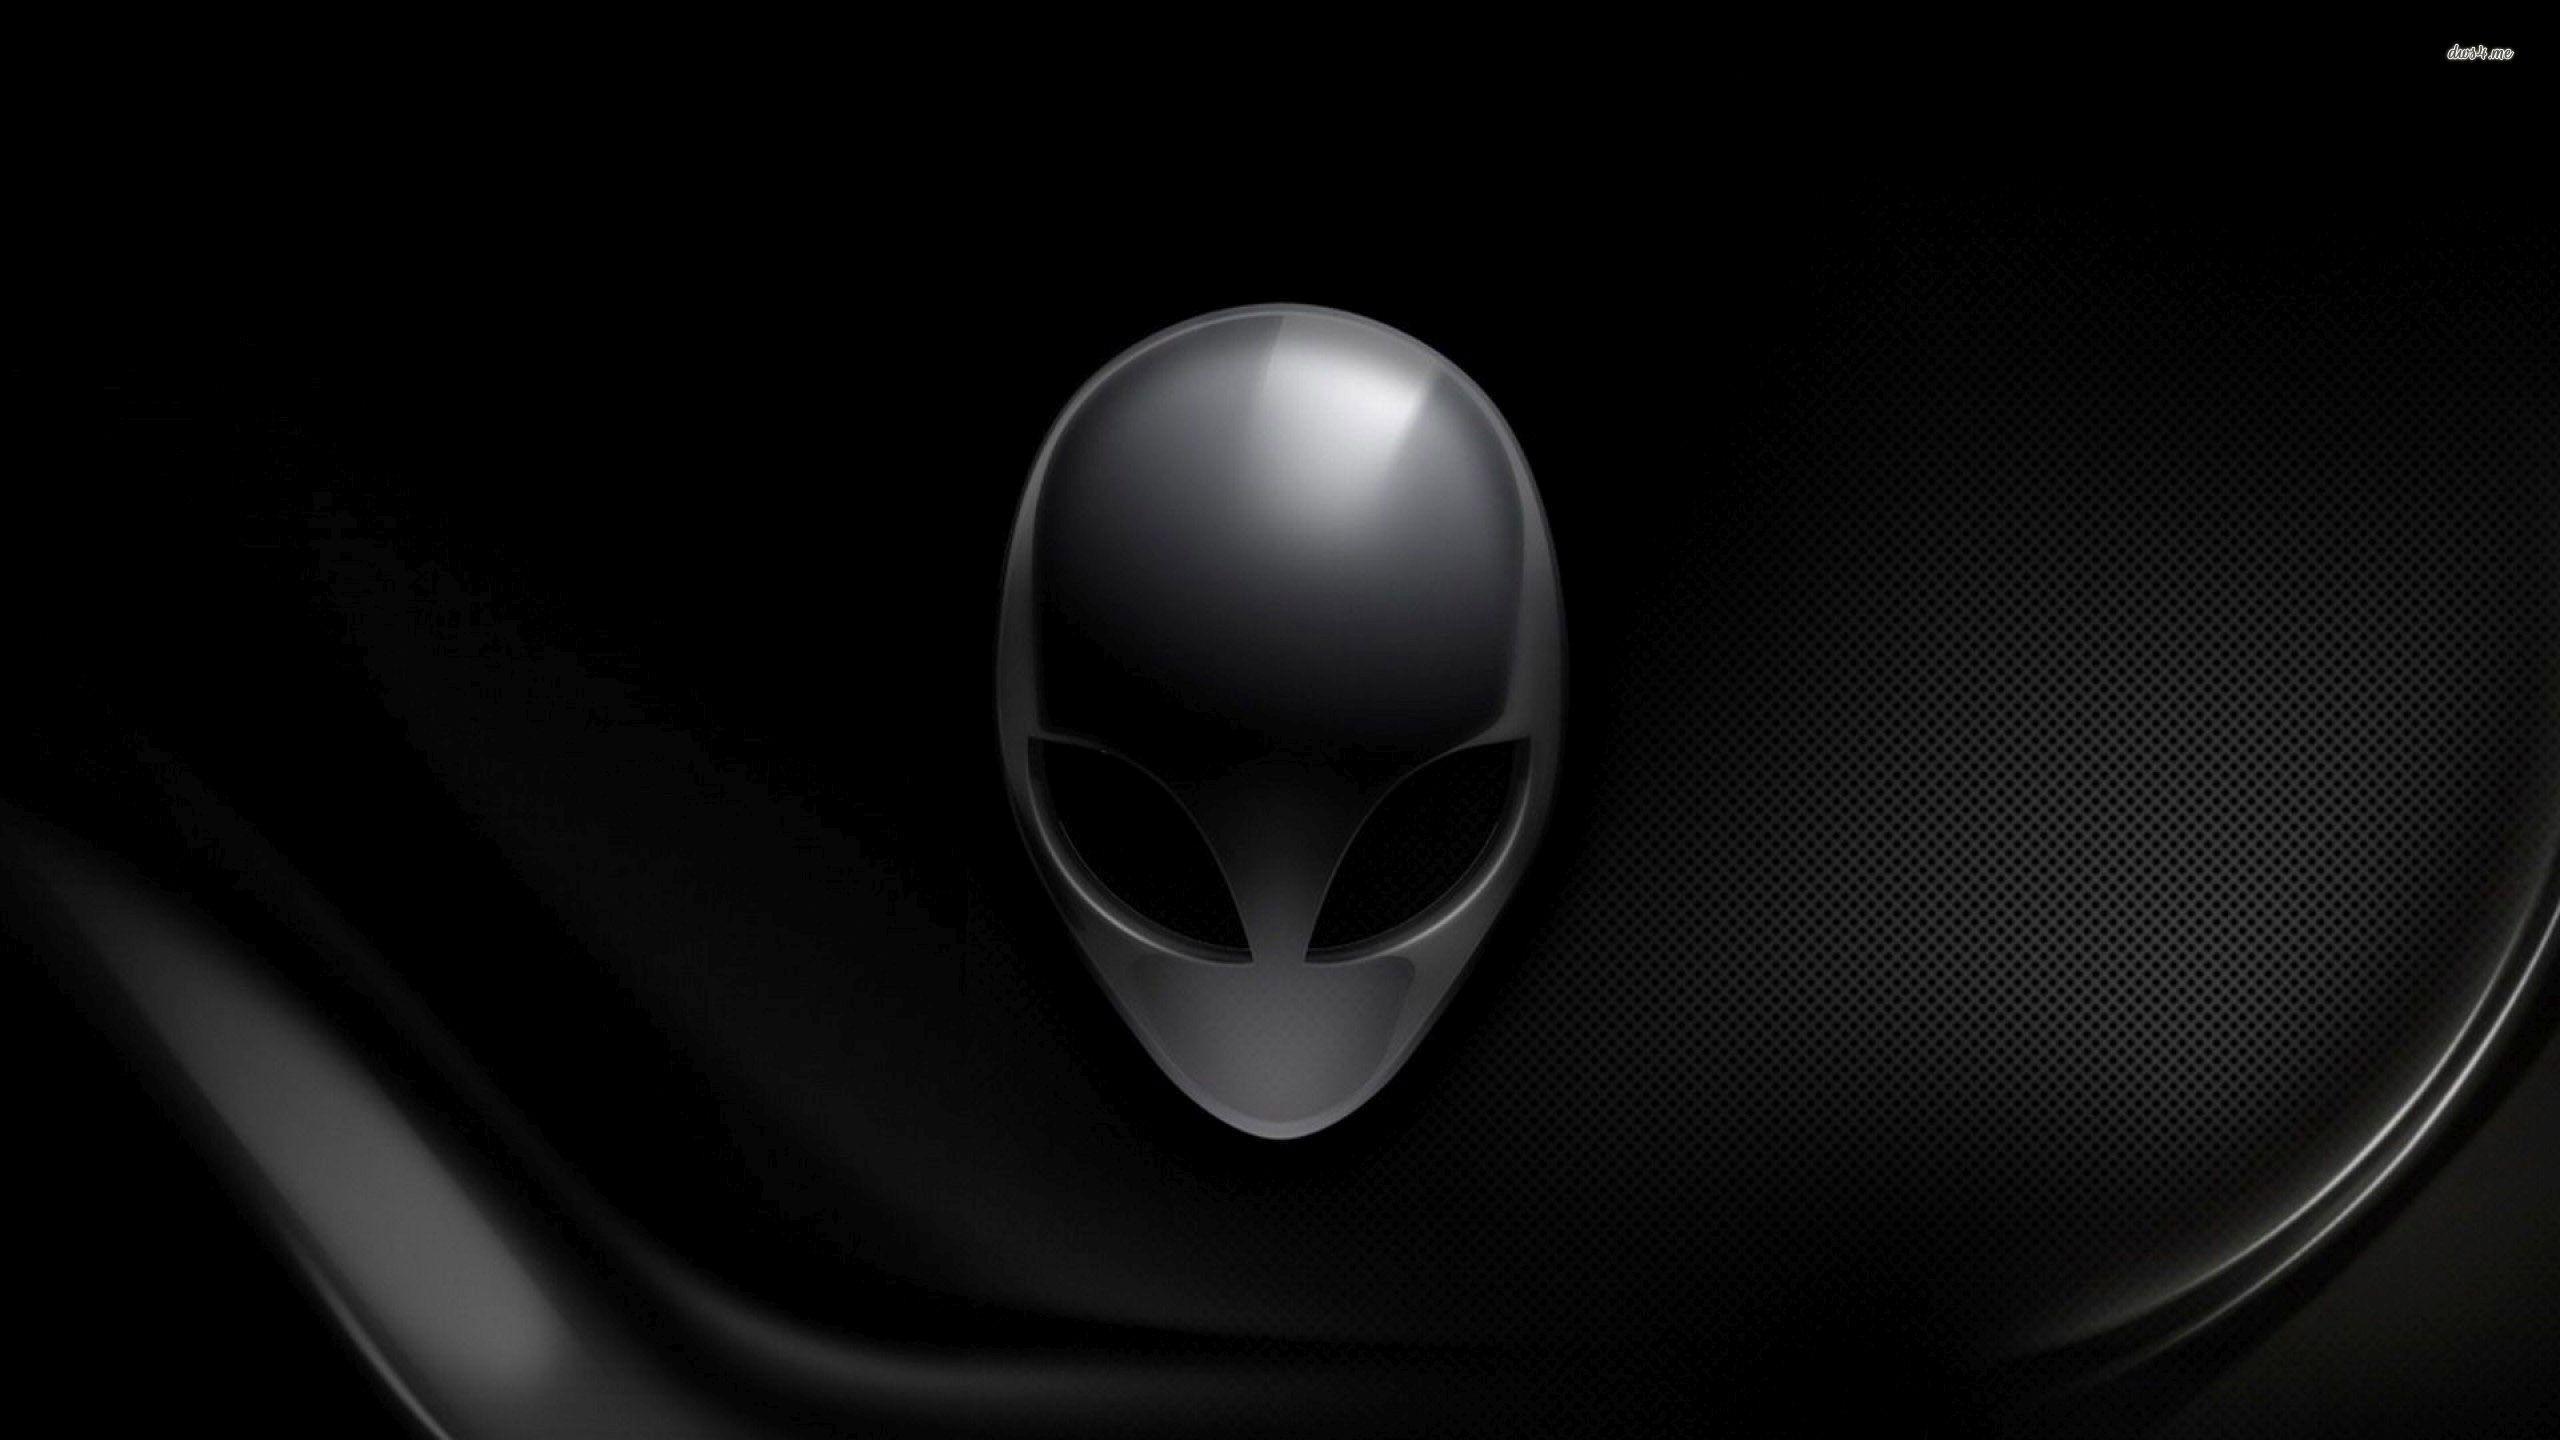 Black Alienware wallpaper – 1203685